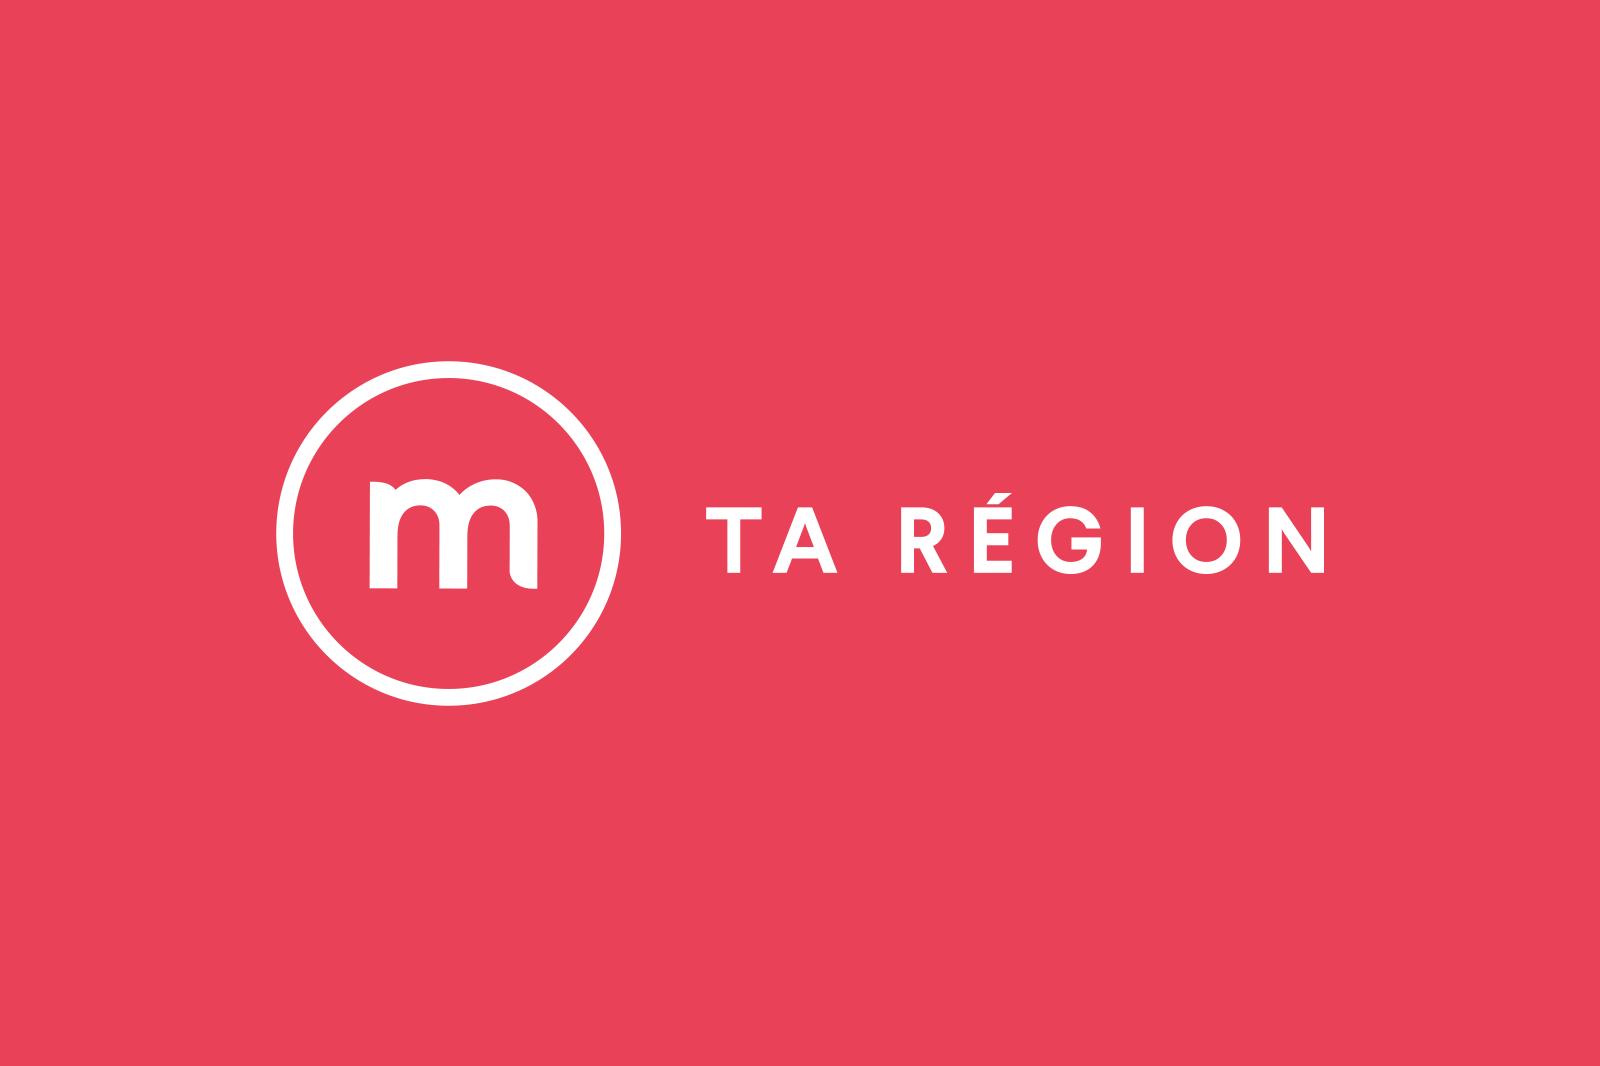 Mtaregionlogo